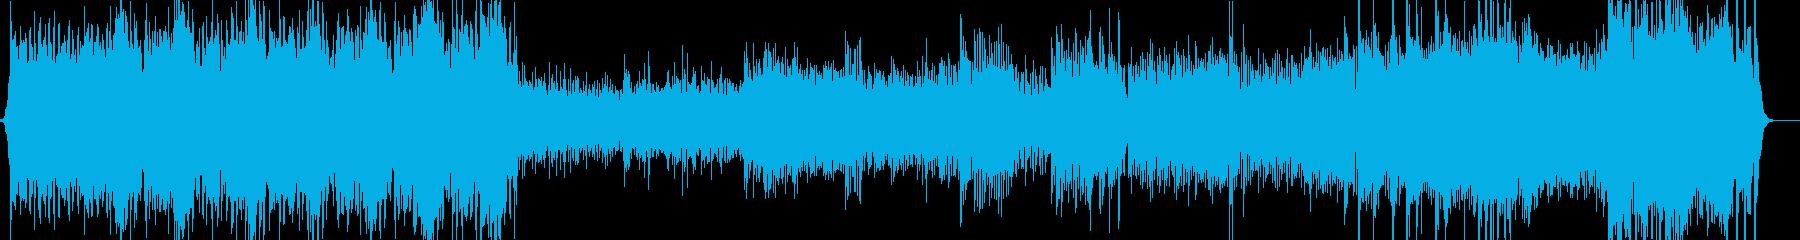 スキタイ組曲作品20より第二楽章の再生済みの波形